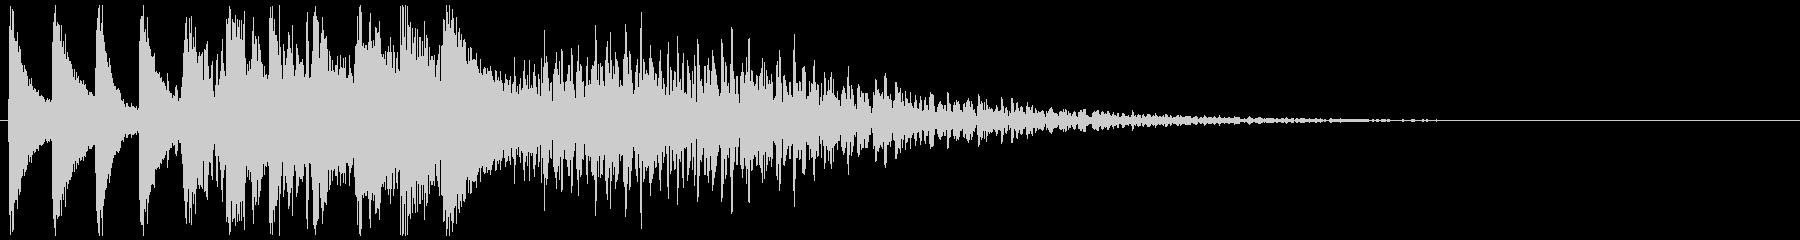 キラキラリーン 下降(鉄琴風)の未再生の波形